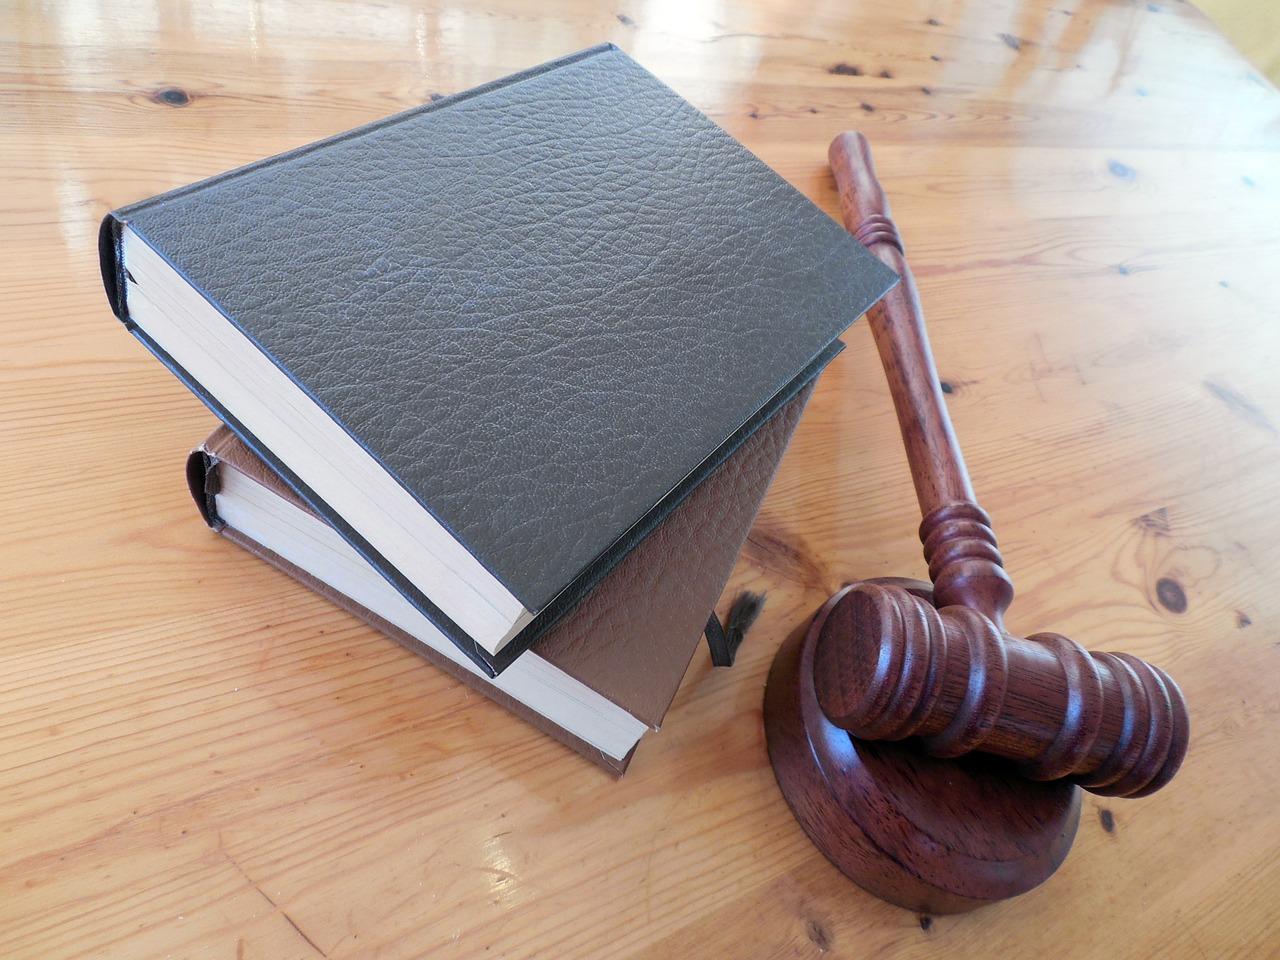 Prawo nieruchomości: jak wybrać odpowiednią kancelarię?